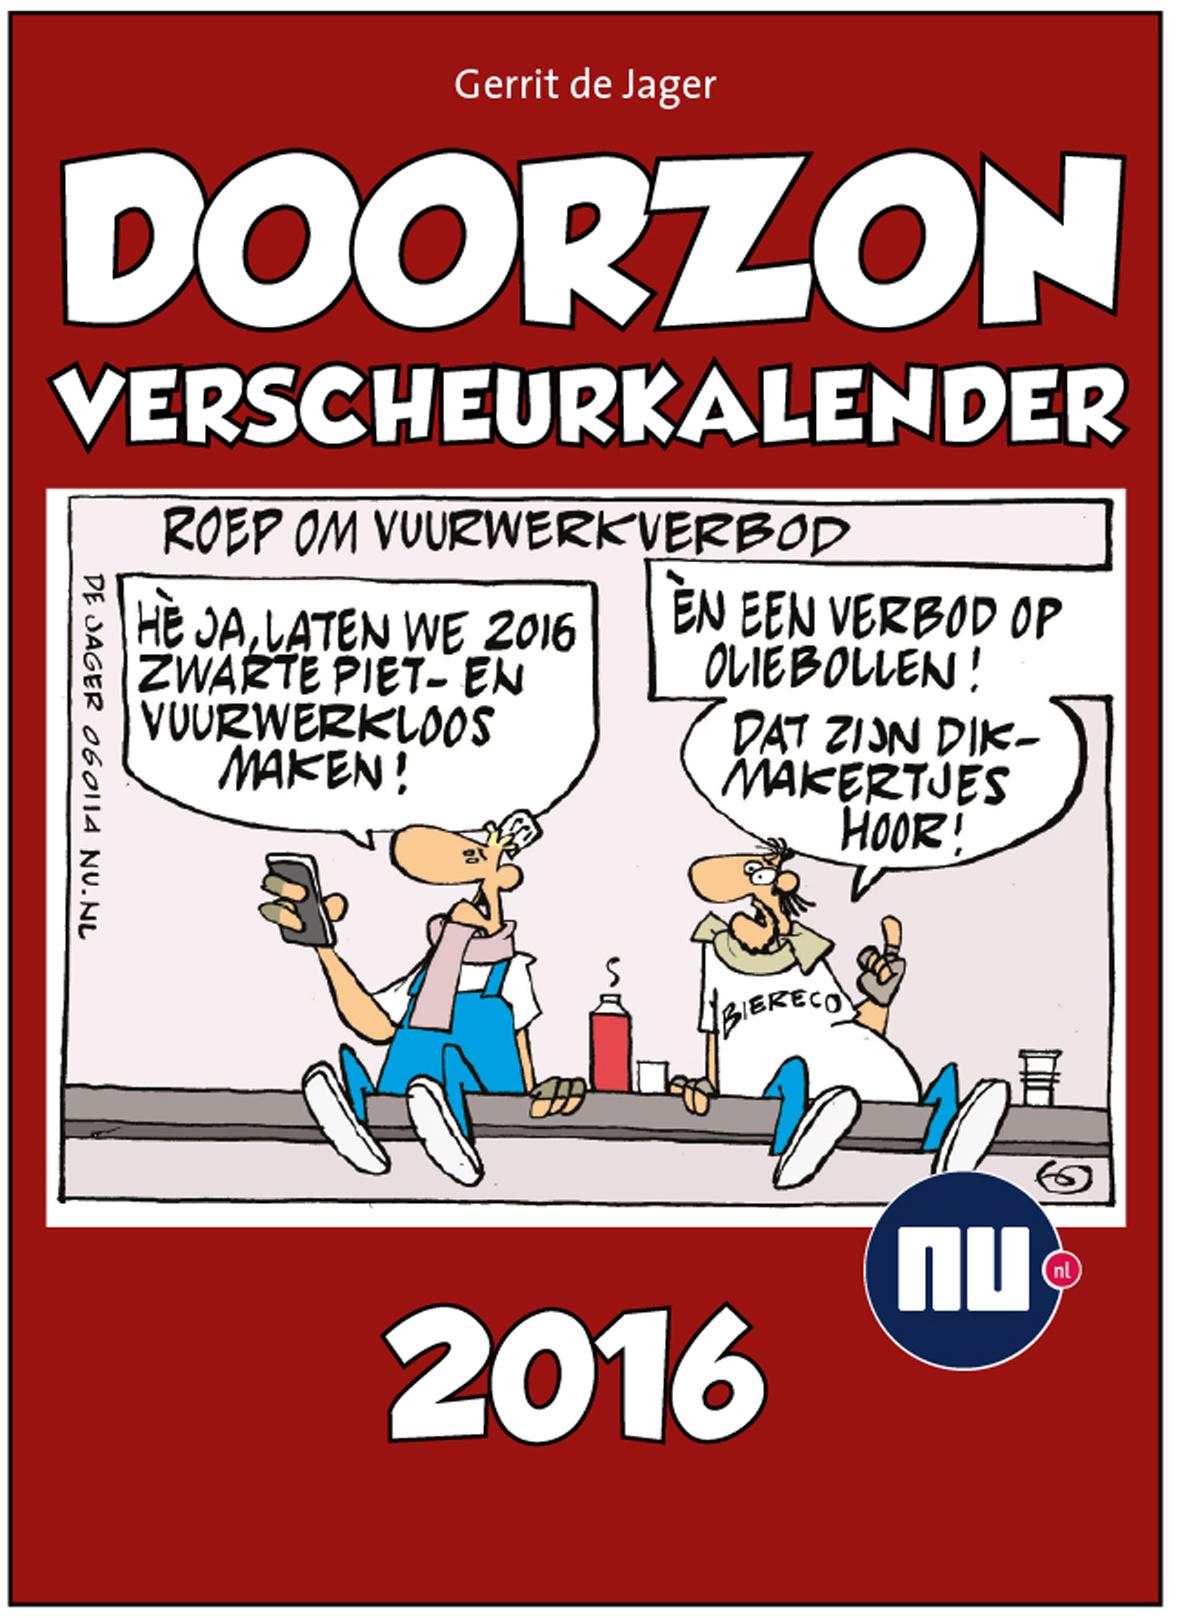 Doorzon_scheurkalender2016 blogversie